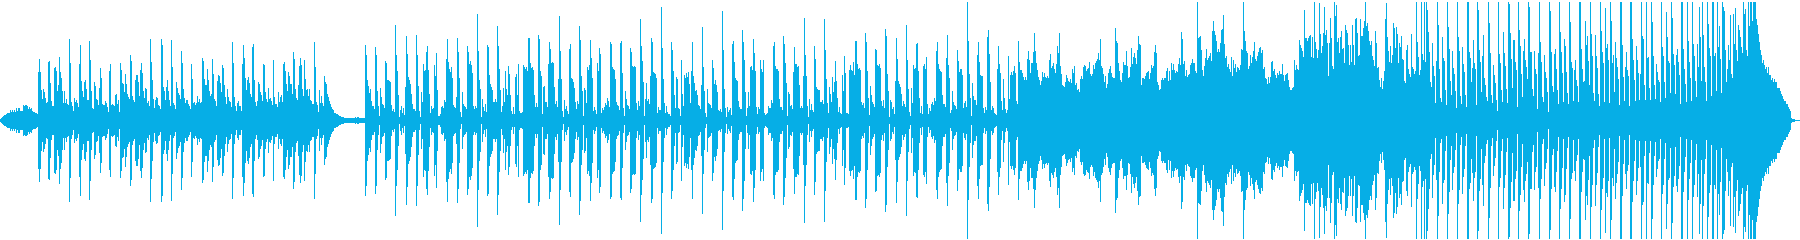 ポップ テクノ ロック アンビエン...の再生済みの波形